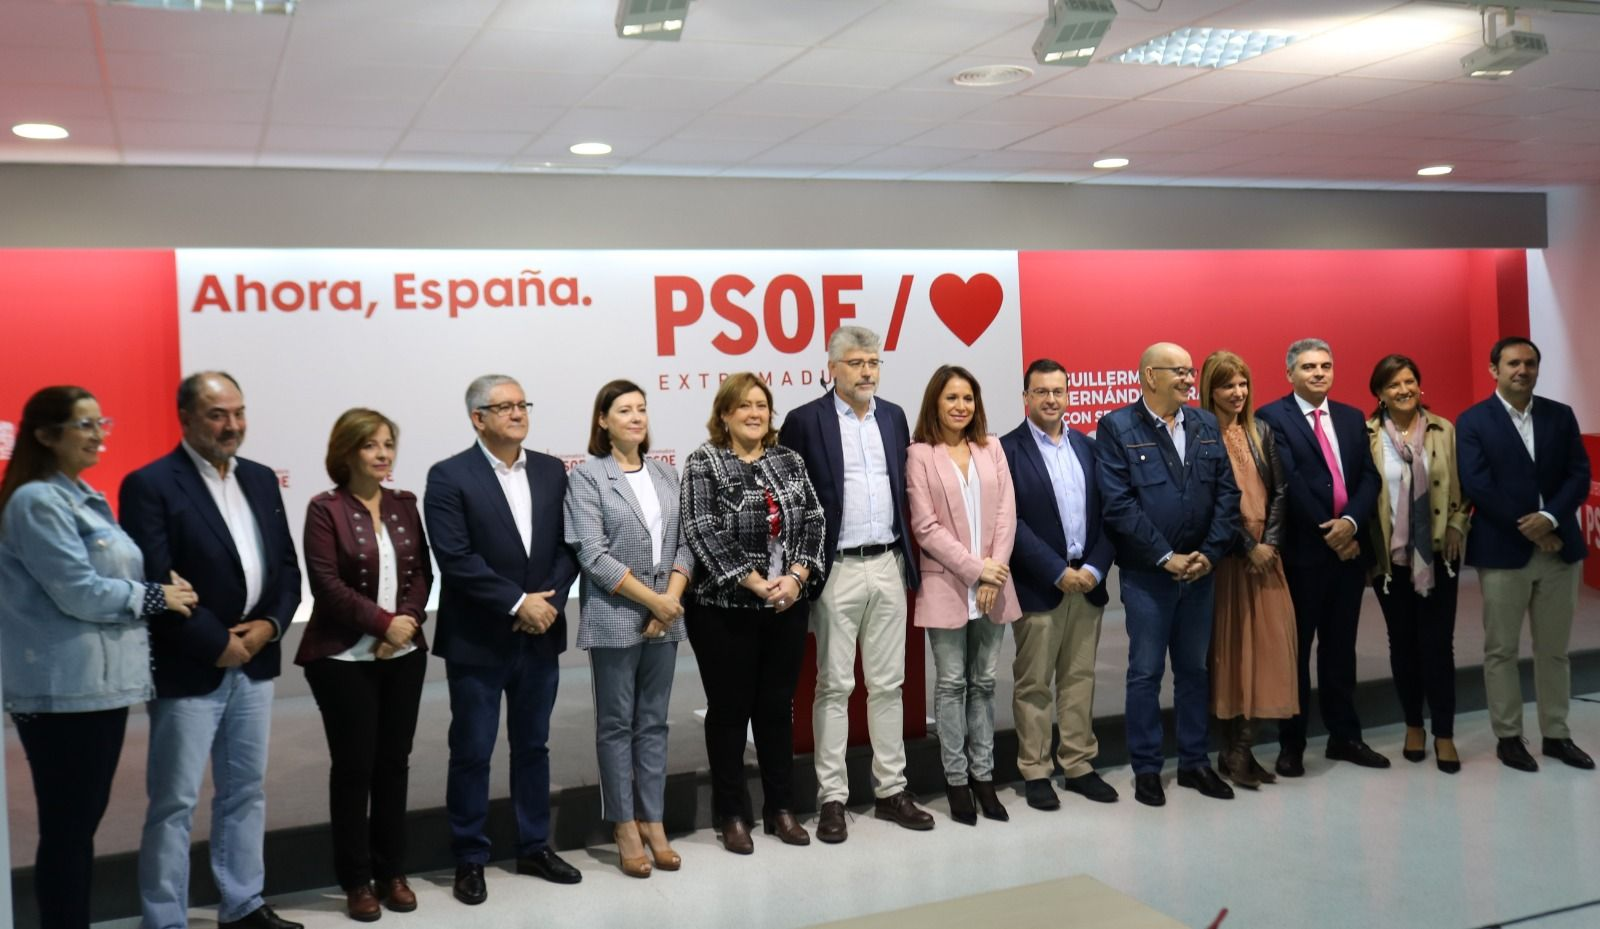 ELECCIONES 10N, PSOE: El 10 de noviembre los extremeños tienen que decidir entre avanzar o retroceder